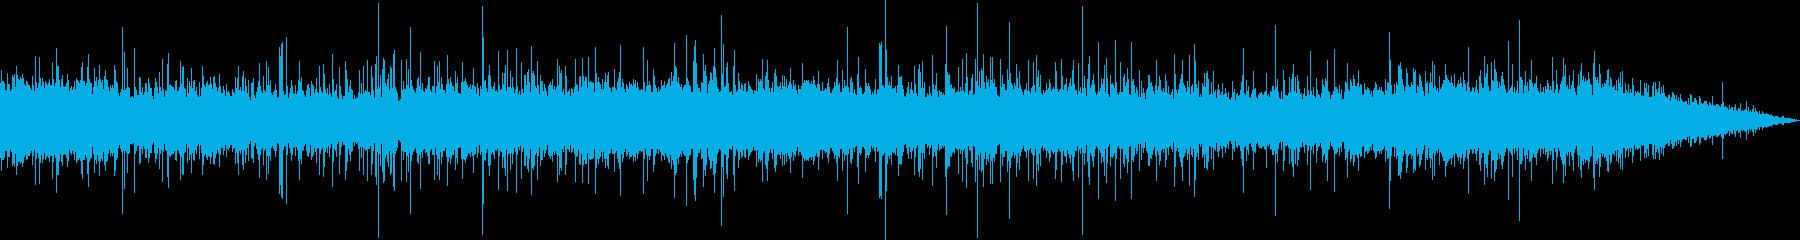 【自然】雨の音 SE_02の再生済みの波形